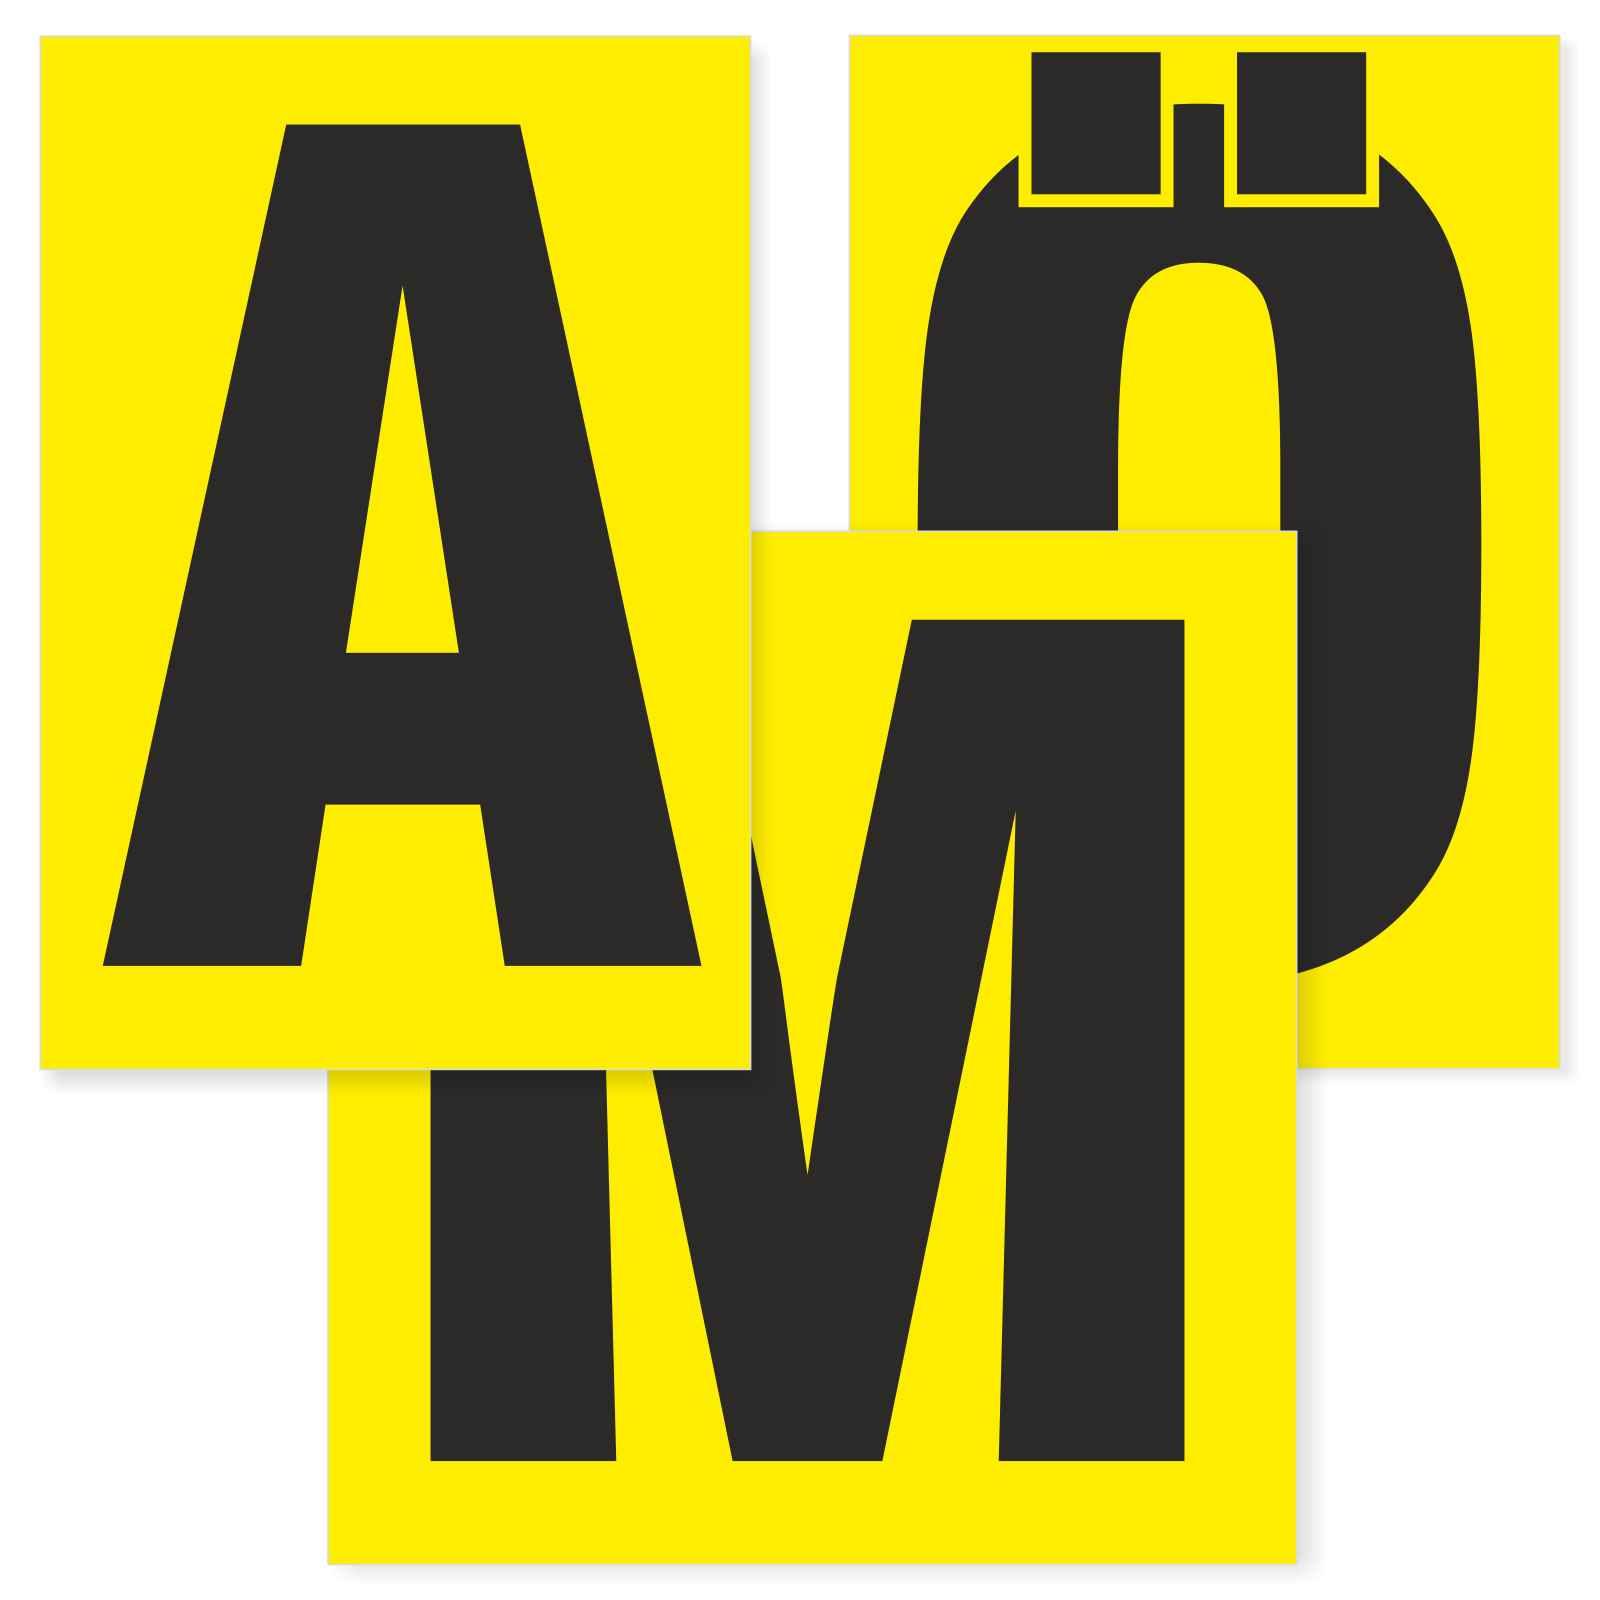 buchstaben schwarz auf gelb 80 mm hoch wetterfest als aufkleber klebebuchstaben. Black Bedroom Furniture Sets. Home Design Ideas